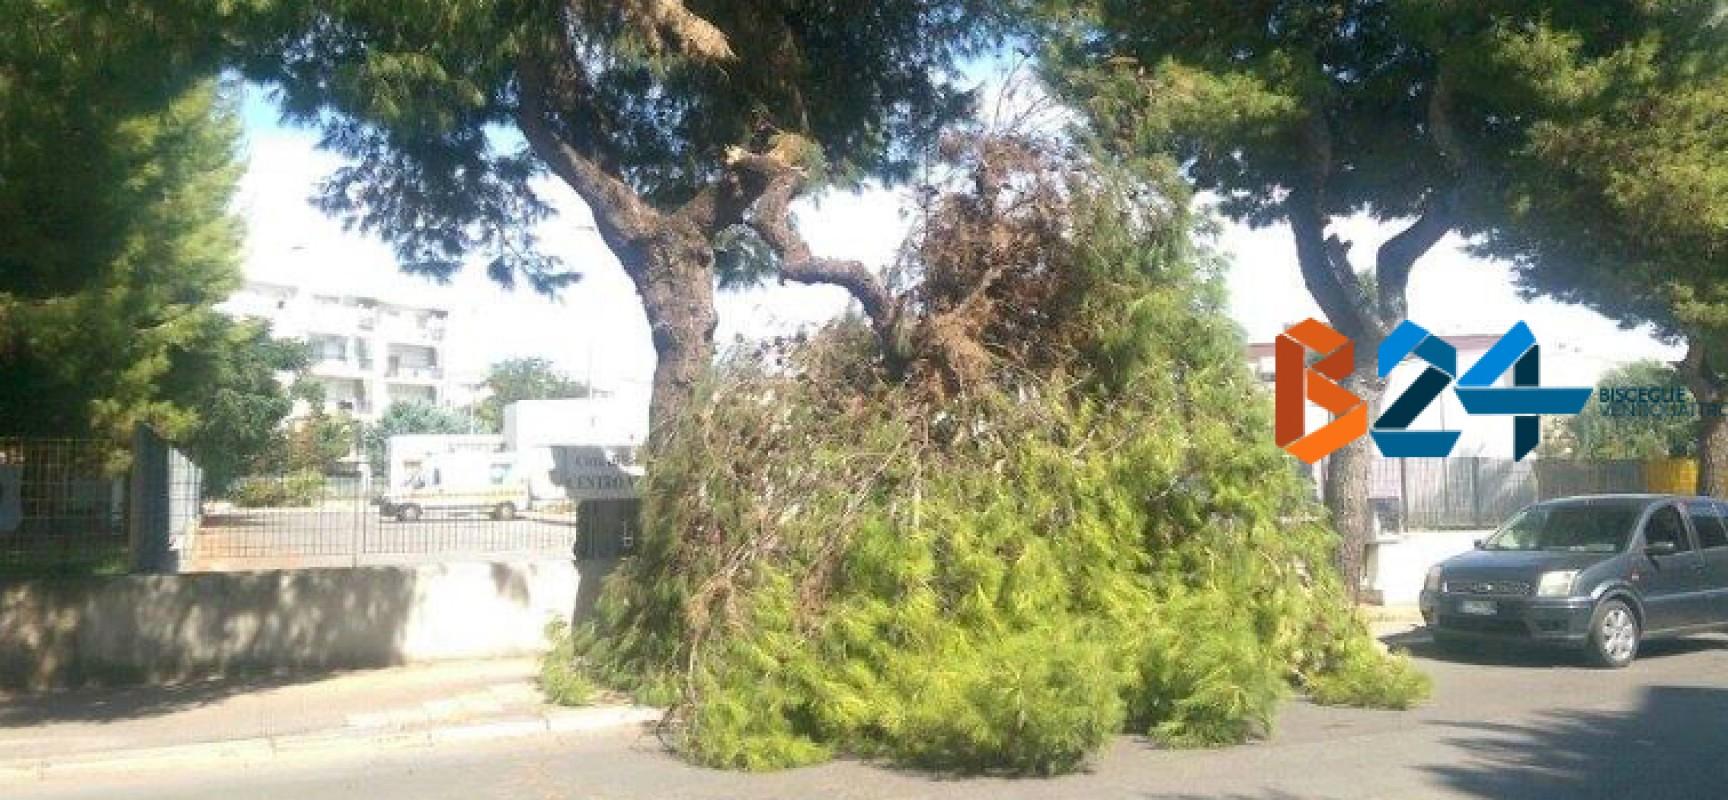 Grosso ramo si stacca da un albero in via Di Vittorio, intervengono i vigili del fuoco / FOTO